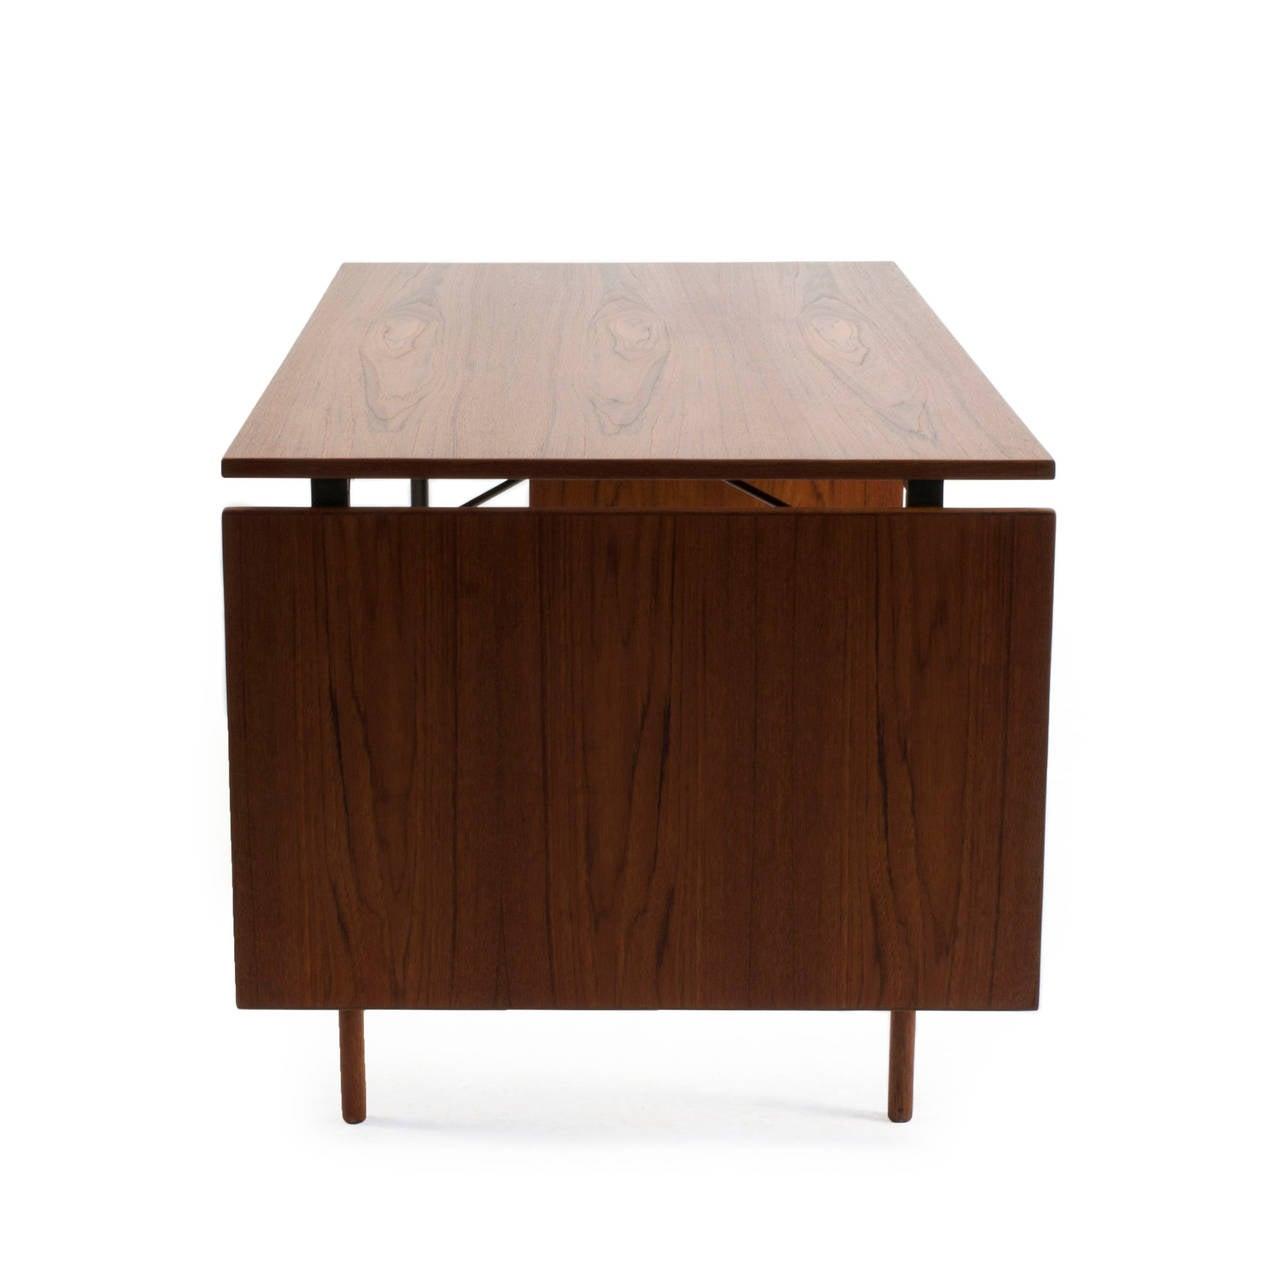 Mid-20th Century Finn Juhl Teak Desk, Bovirke For Sale